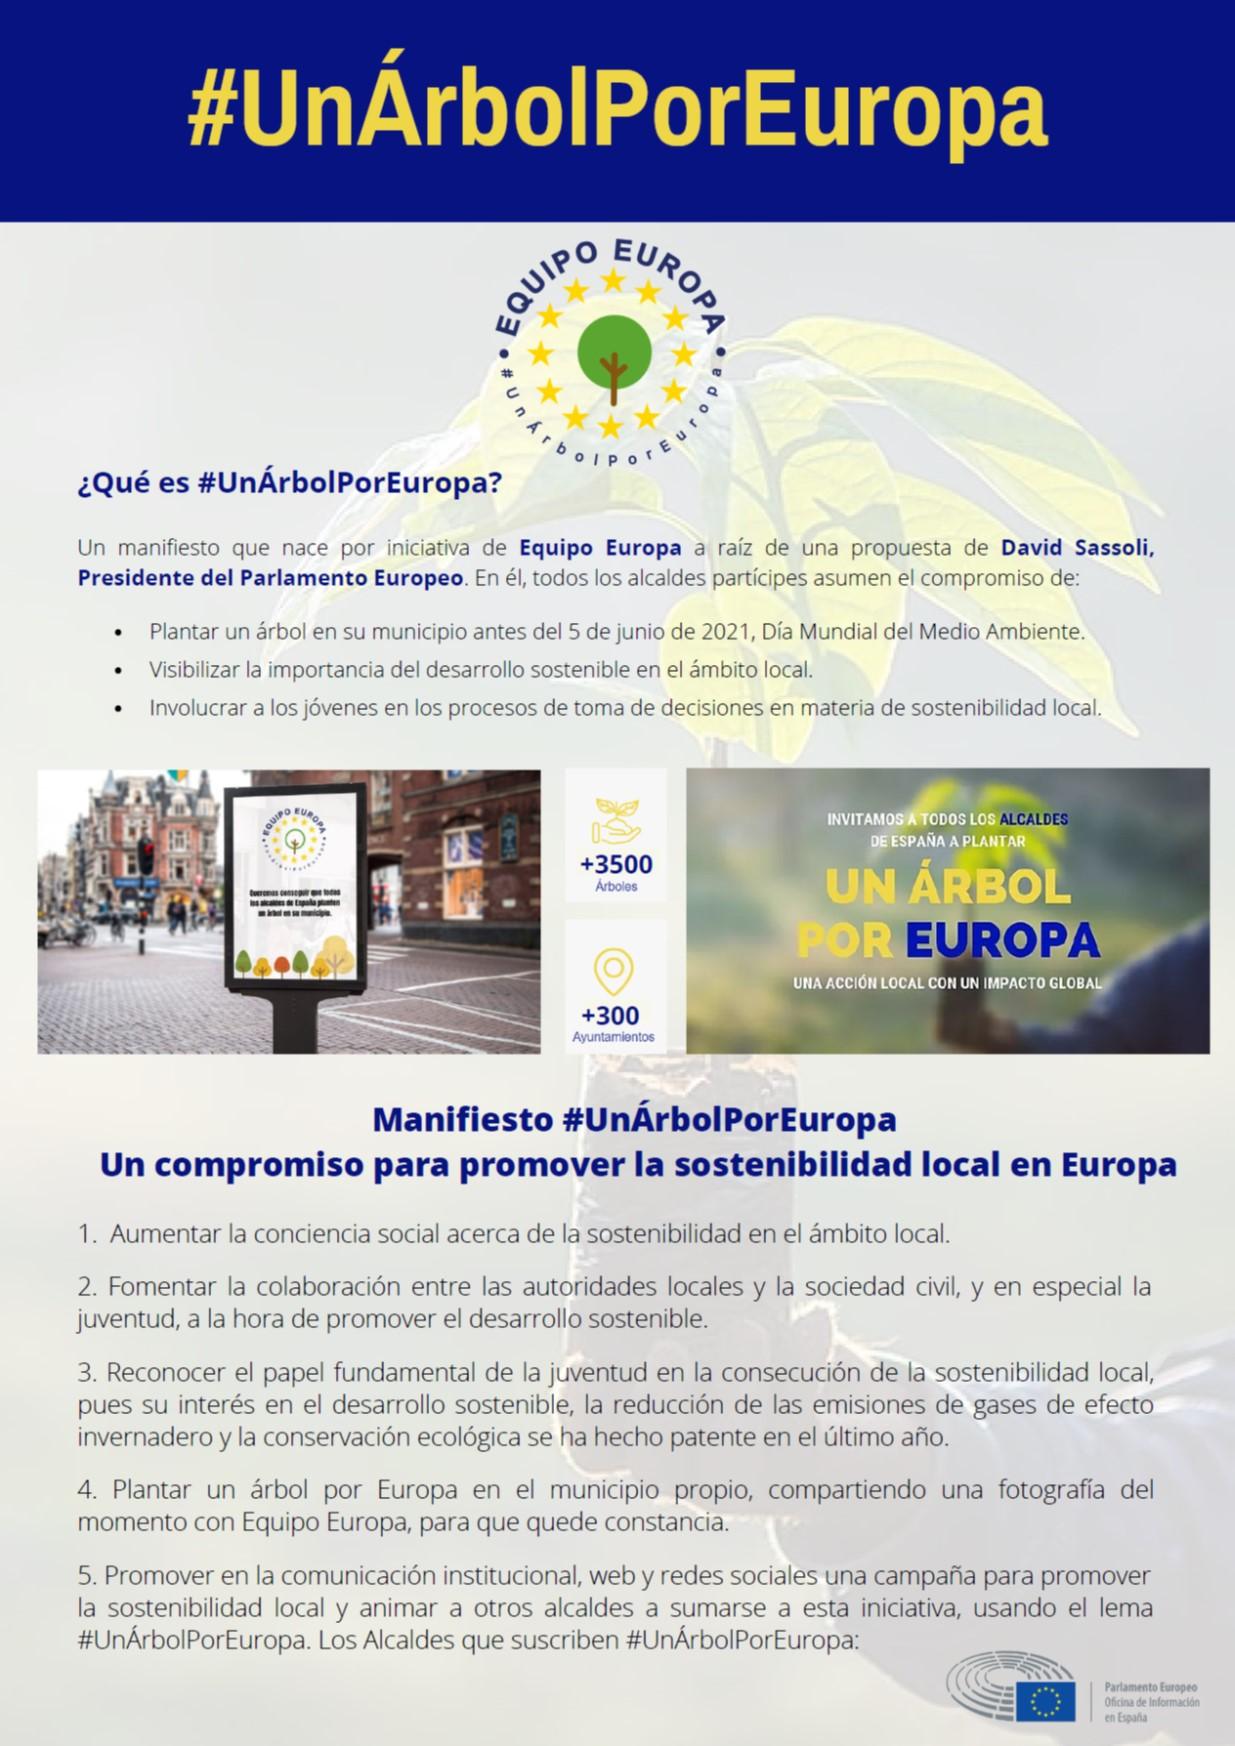 Campaña #UnÁrbolPorEuropa, por la participación de la juventud en el fomento de la sostenibilidad local